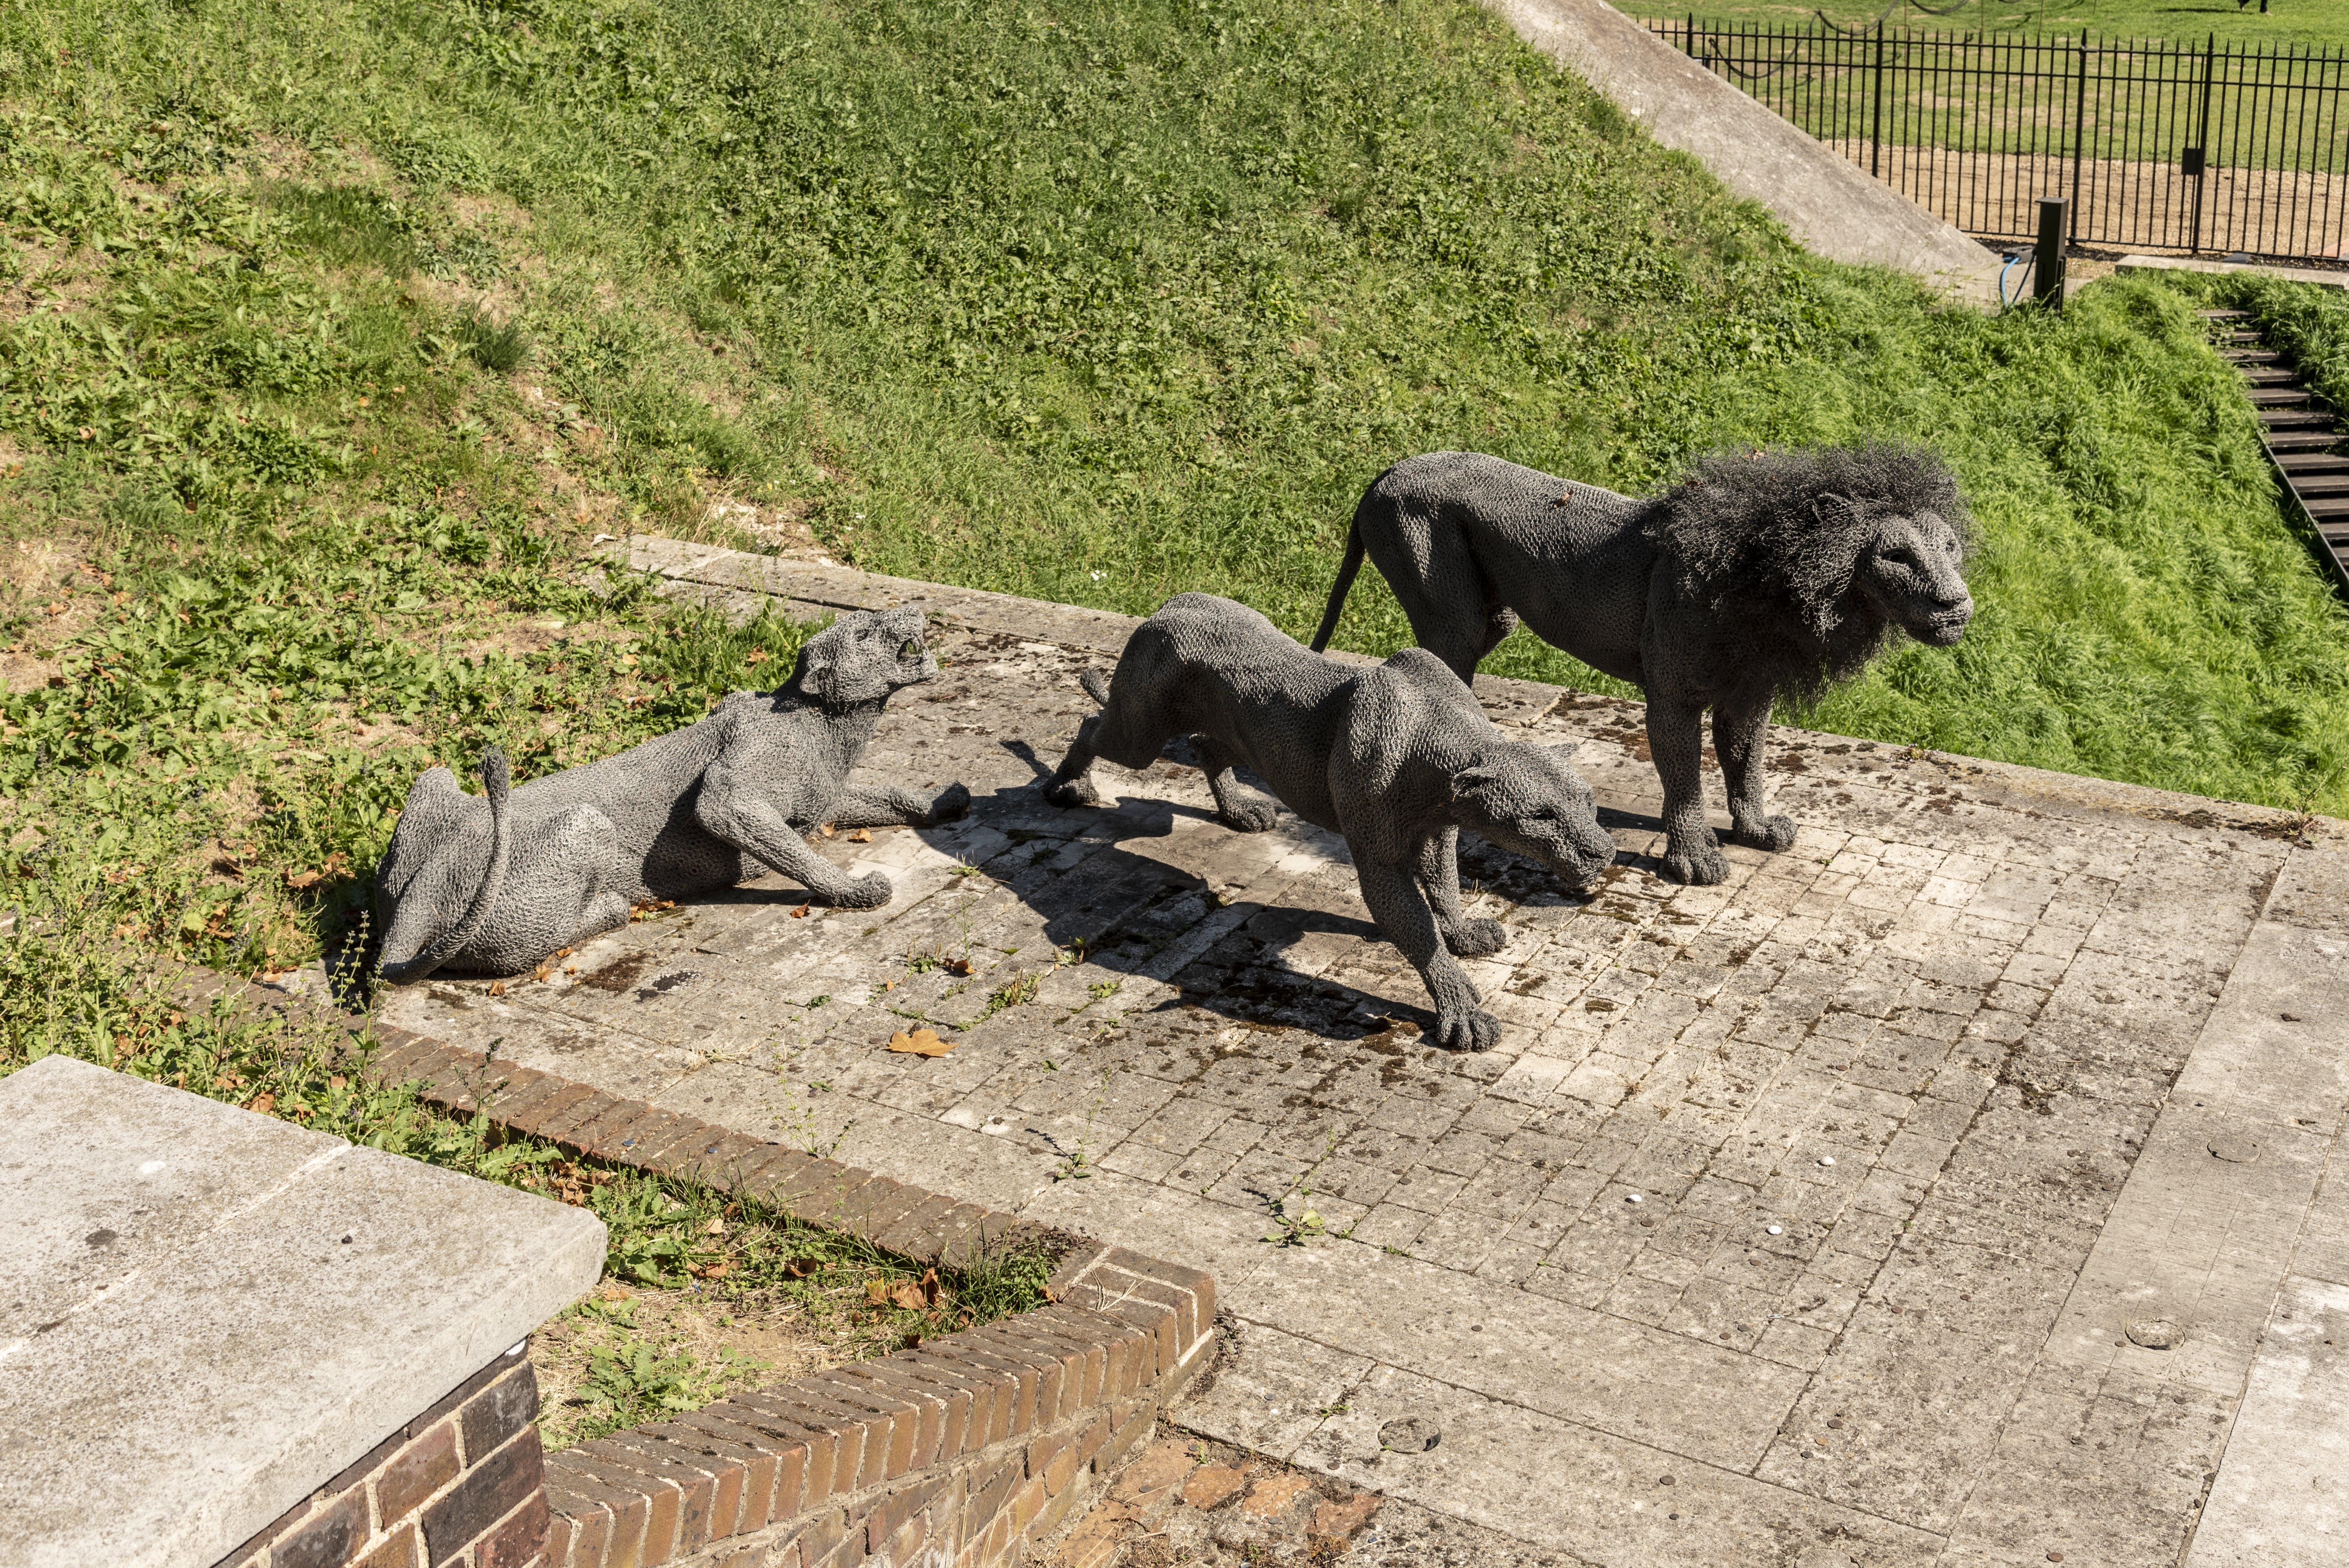 Δωρεάν στοκ φωτογραφιών με αγάλματα, άγρια ζώα